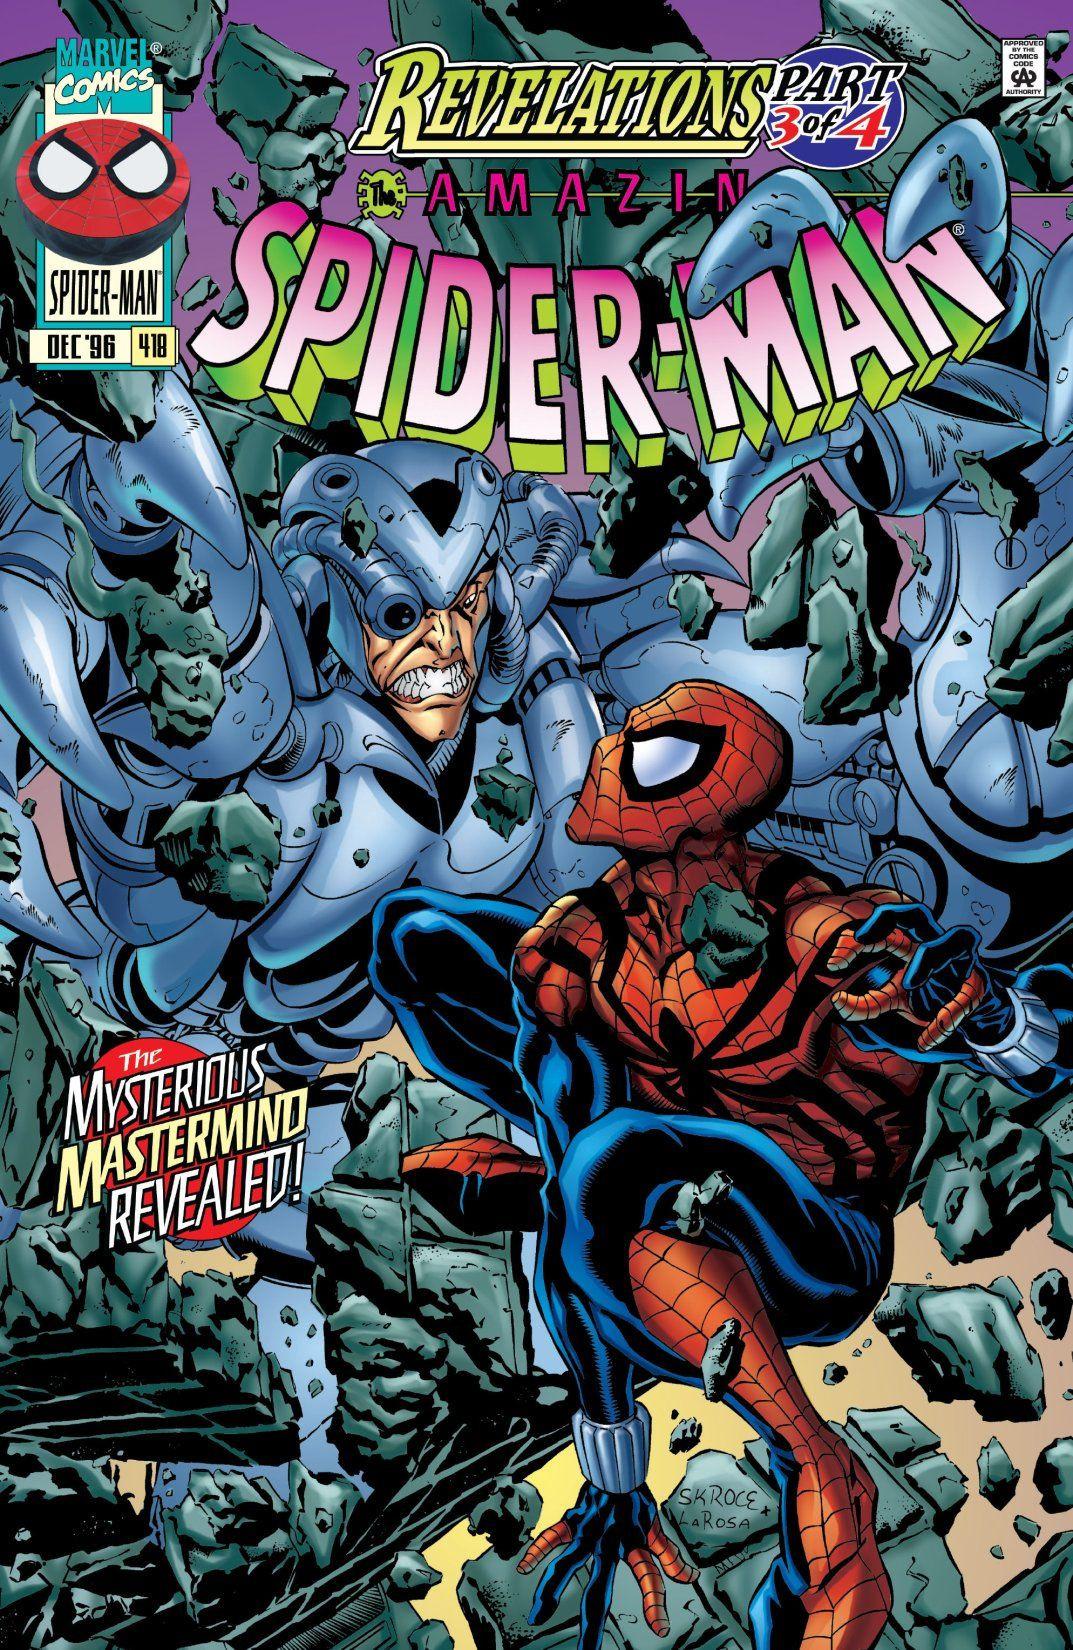 Amazing Spider-Man #418